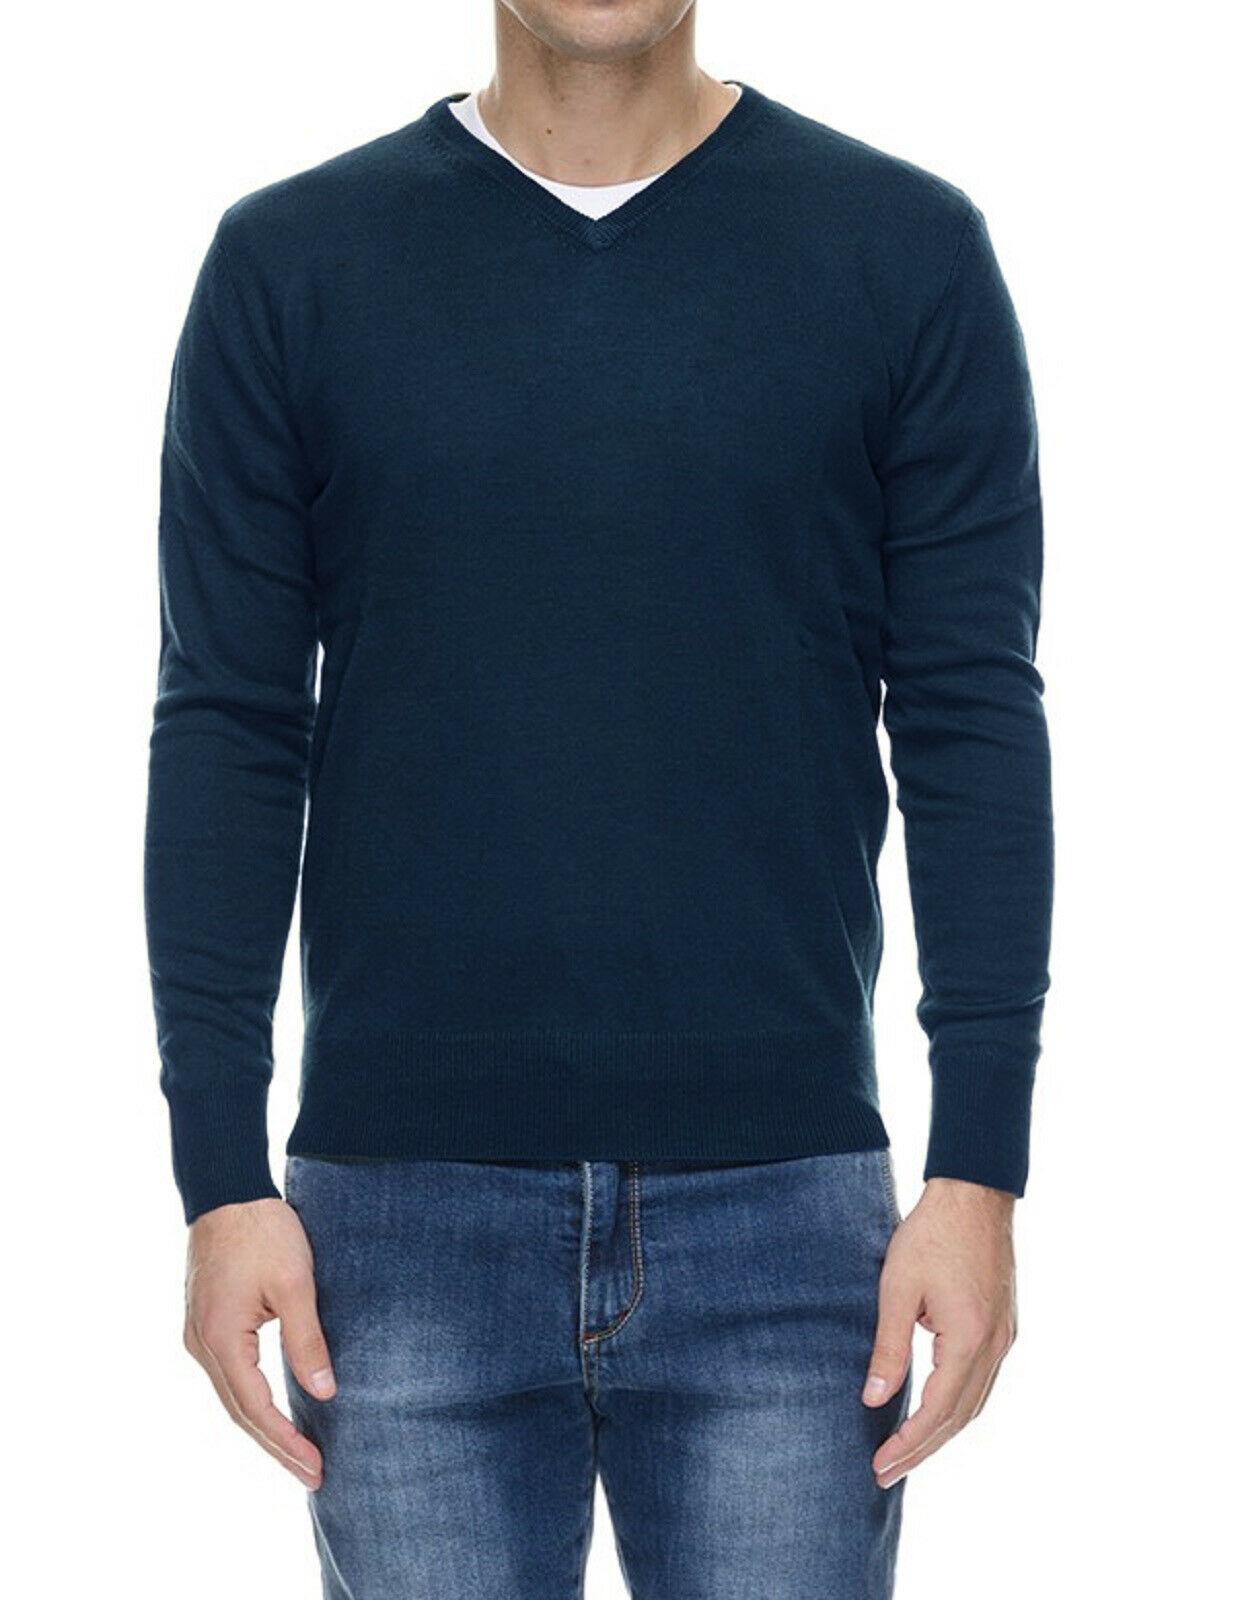 Maglione-Uomo-Scollo-a-V-Maglioncino-Invernale-Blu-Nero-Verde-Grigio-Maglia-Slim miniatura 19